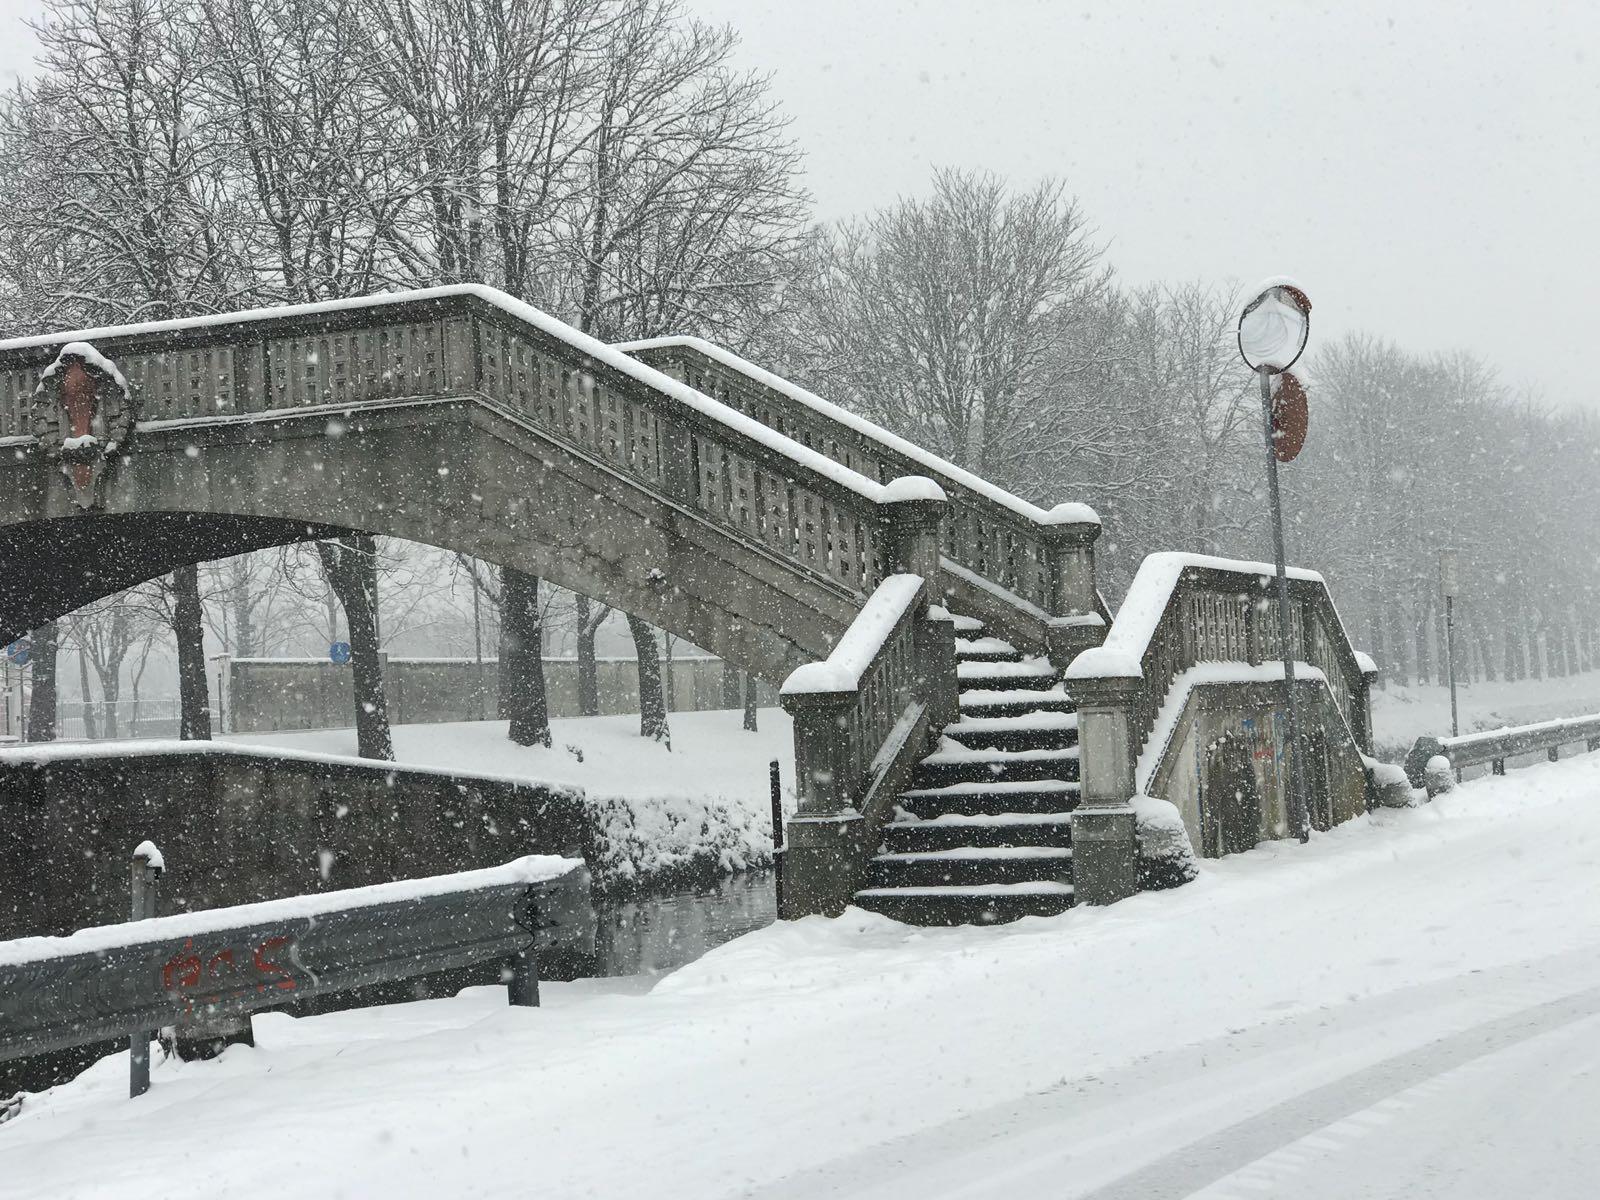 Intensa nevicata in Viale Repubblica